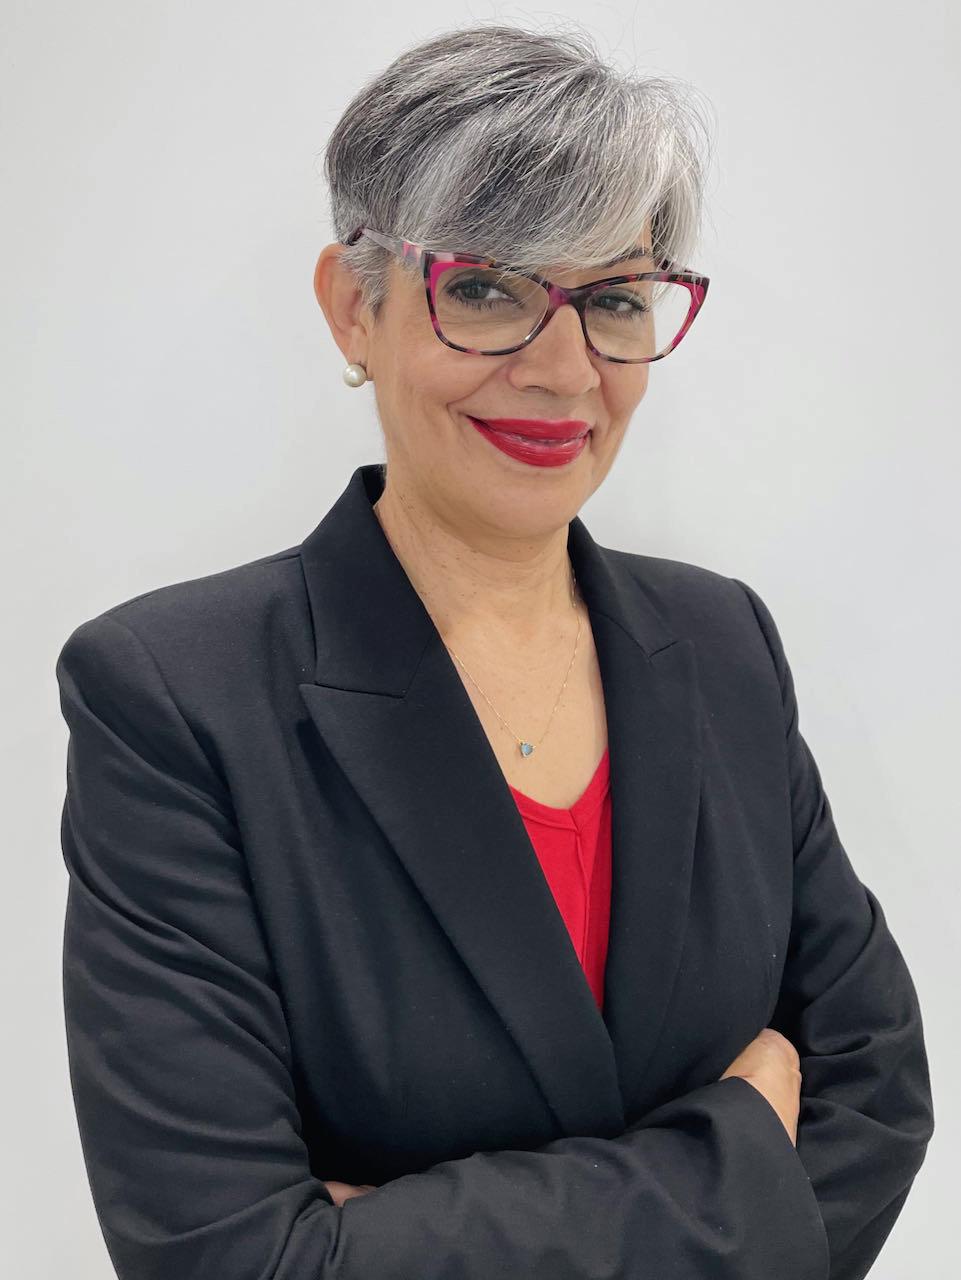 Sra. Susana Fauria Chesa